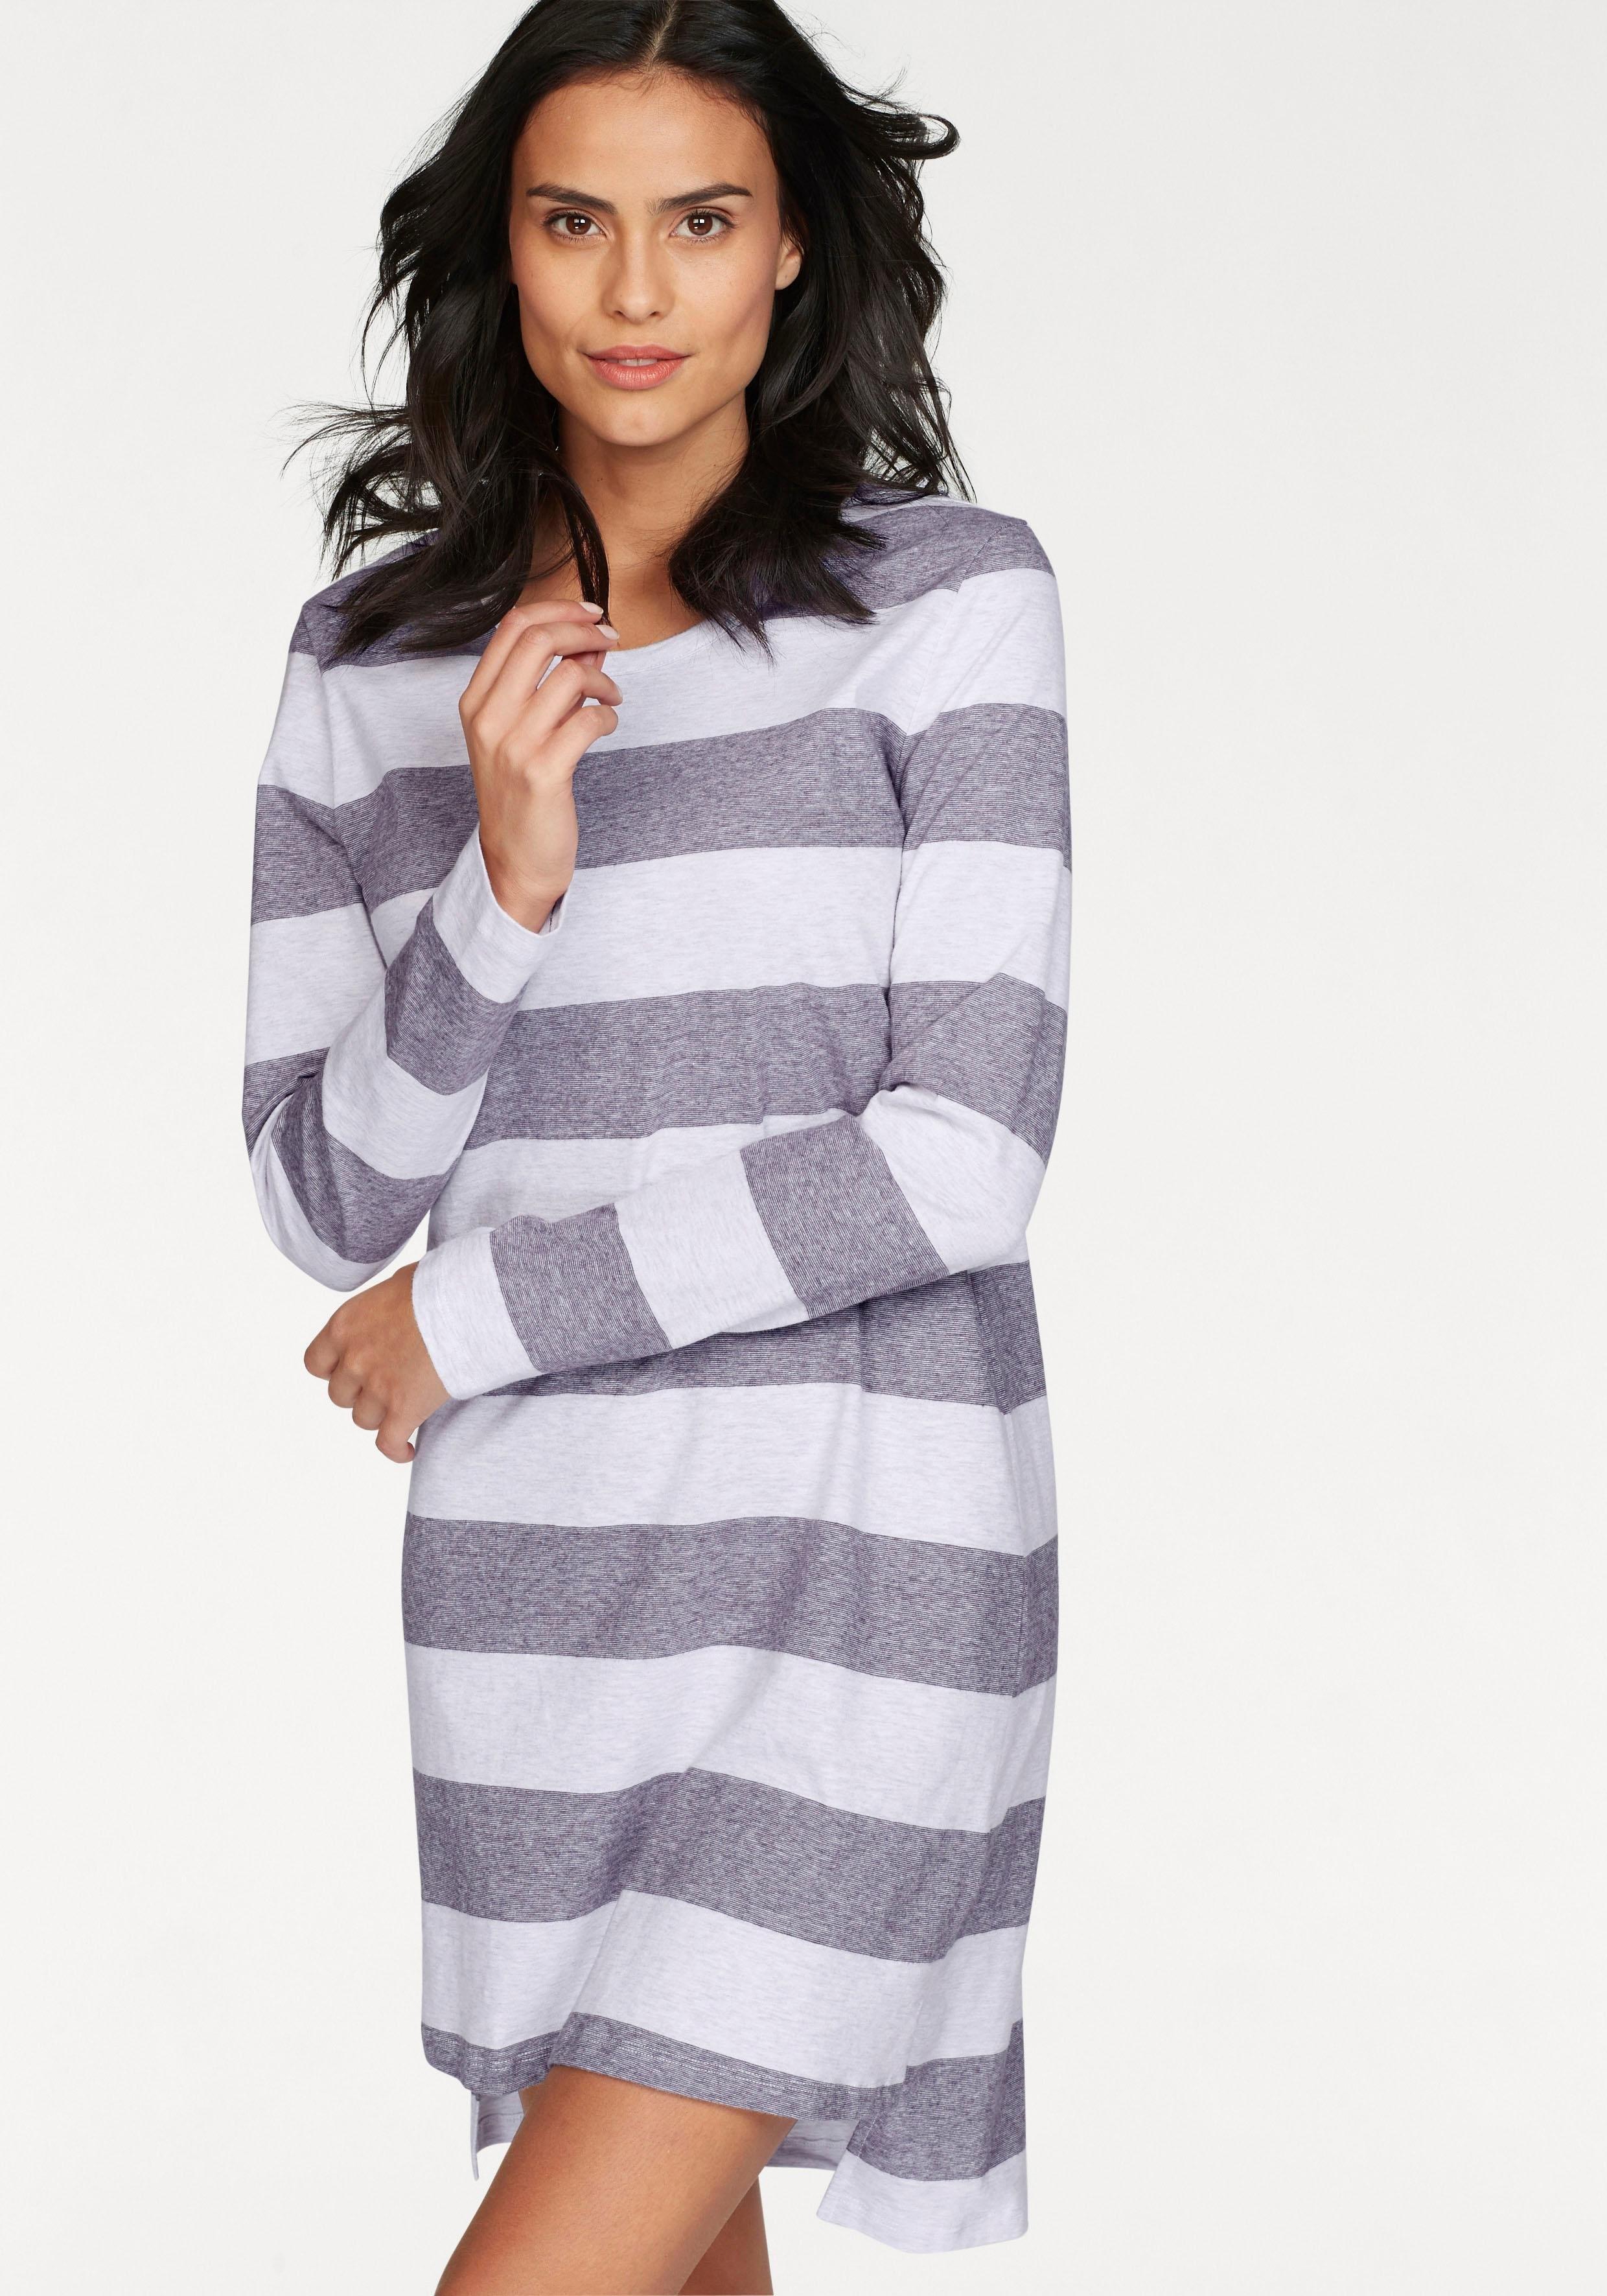 Schiesser nachthemd met brede strepen nu online kopen bij Lascana